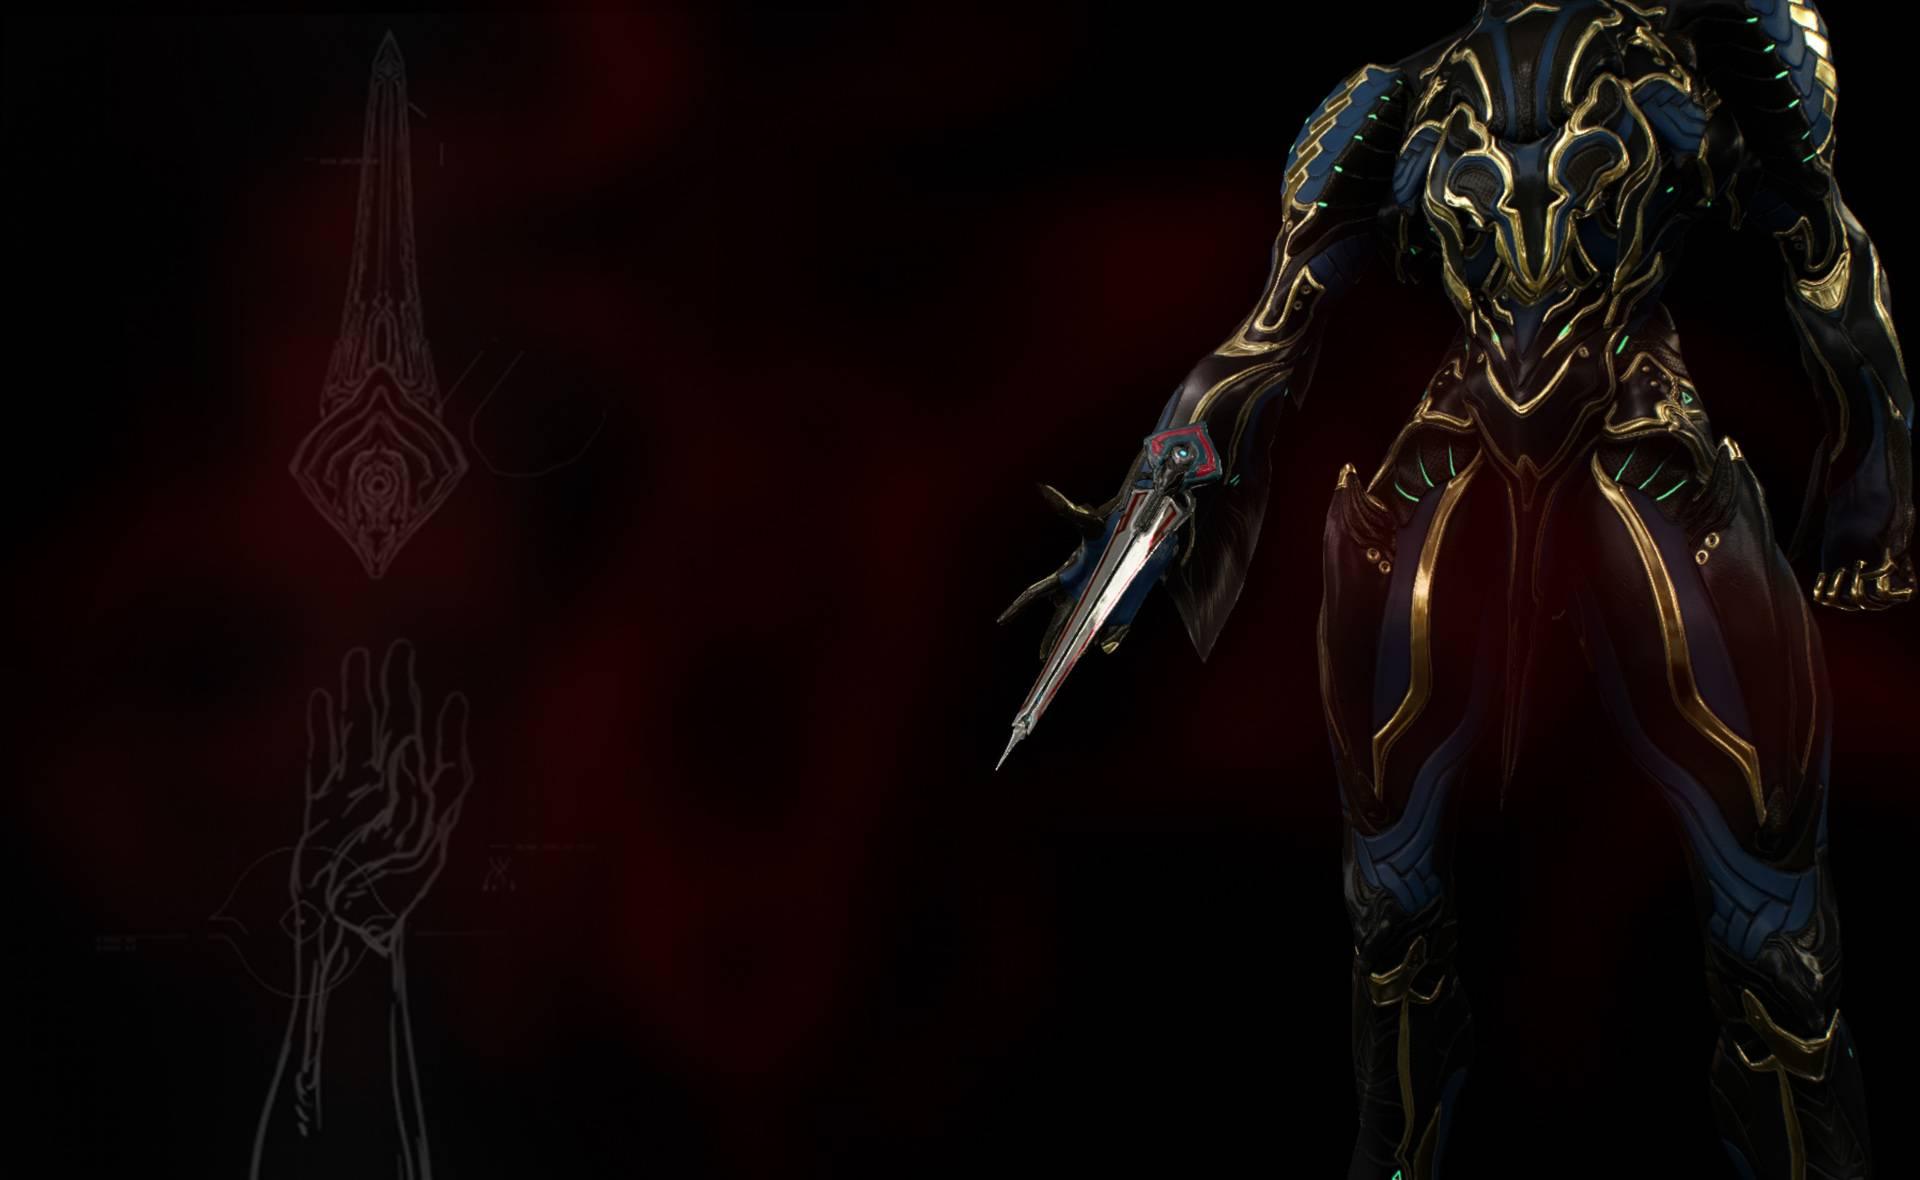 5efc727aa08f8e6967f94236805b0aeb - Update 26: The Old Blood